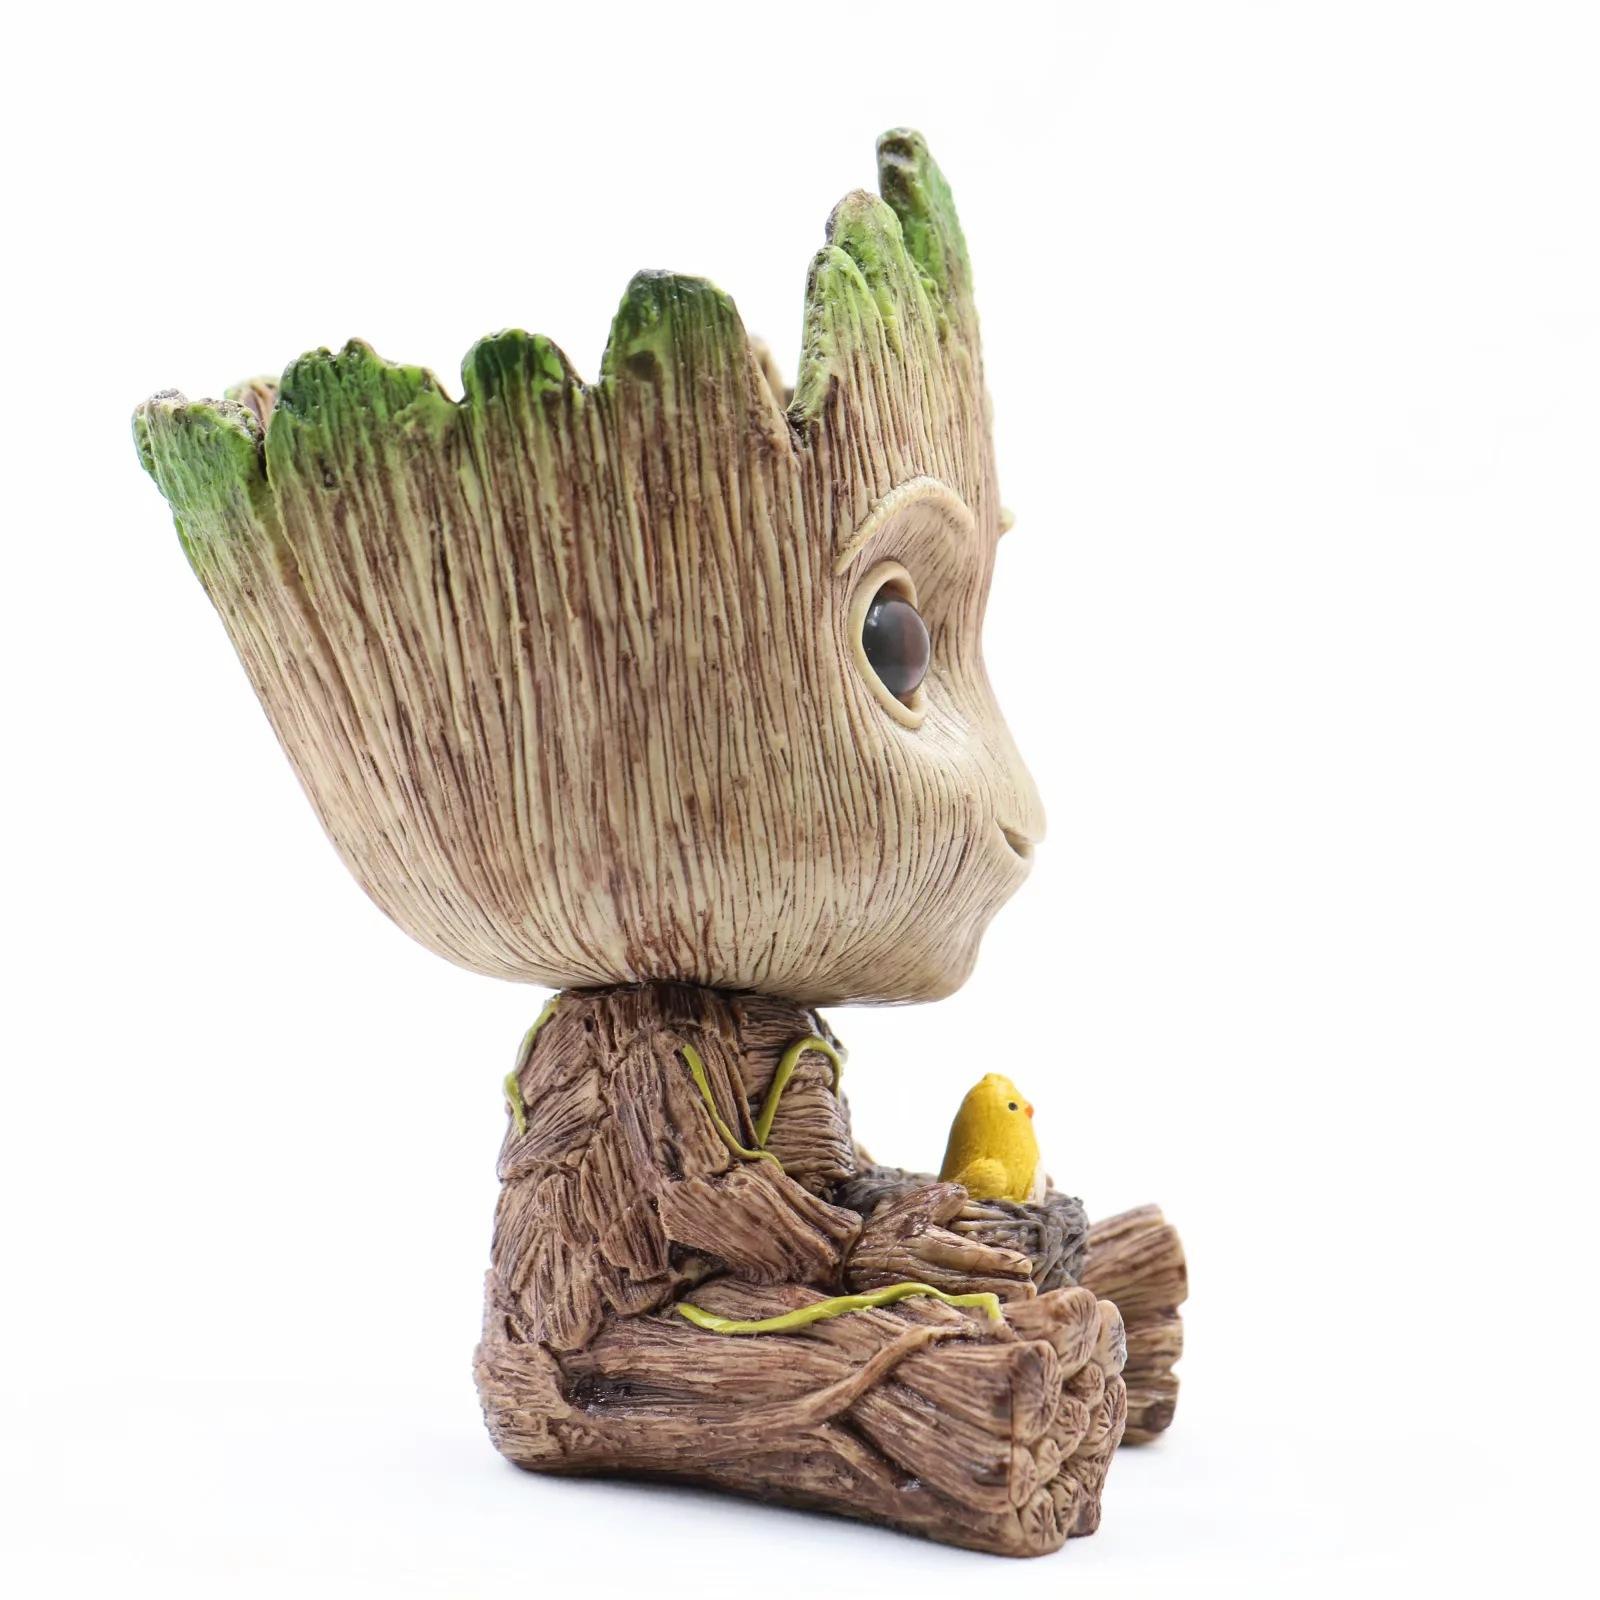 SEN Maceta en Maceta /árbol Gente Gente /árbol Groot Mano Doll Acci/ón Coleccionables Estatua Juguete Figura